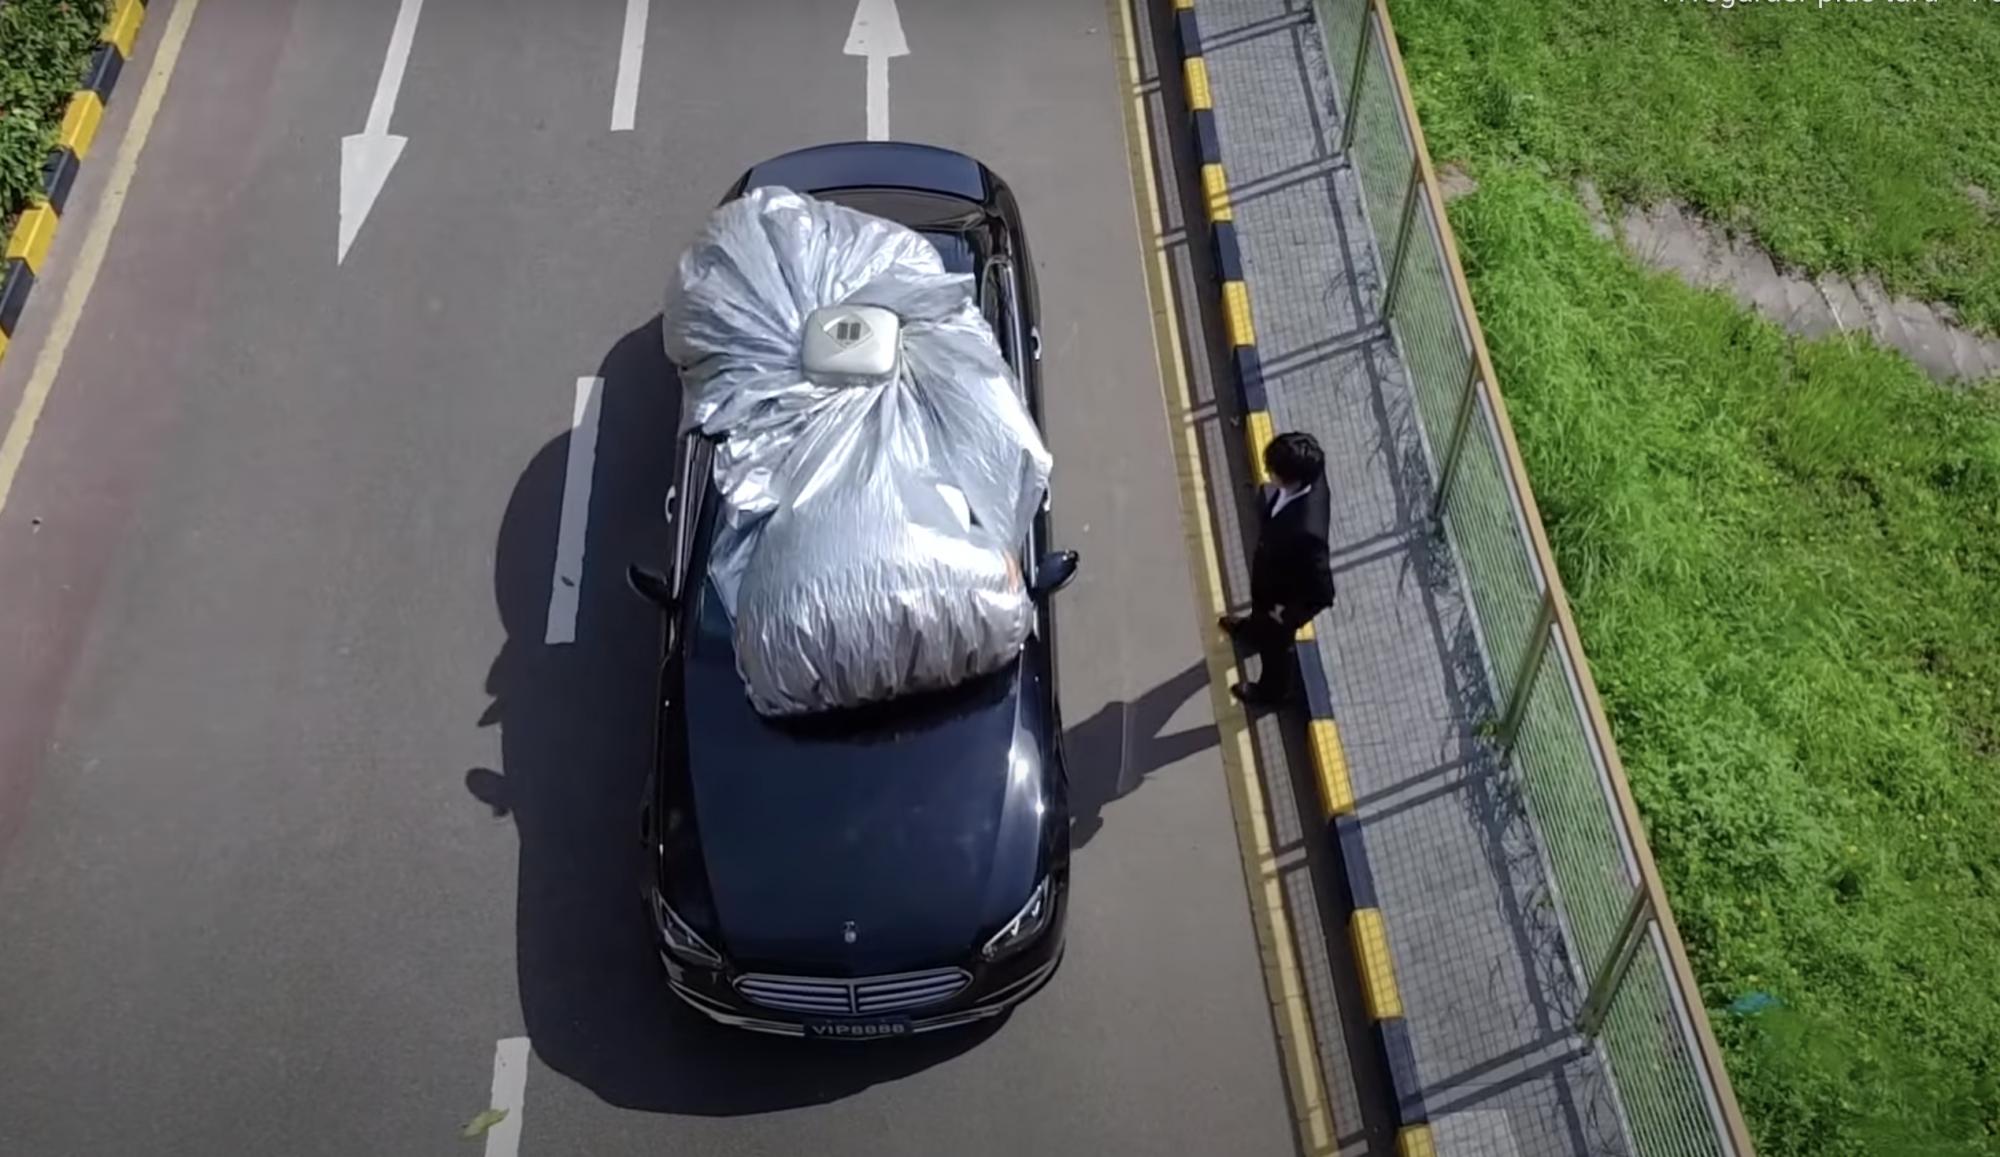 Cette protection de voiture se déploie automatiquement en 30 secondes chrono